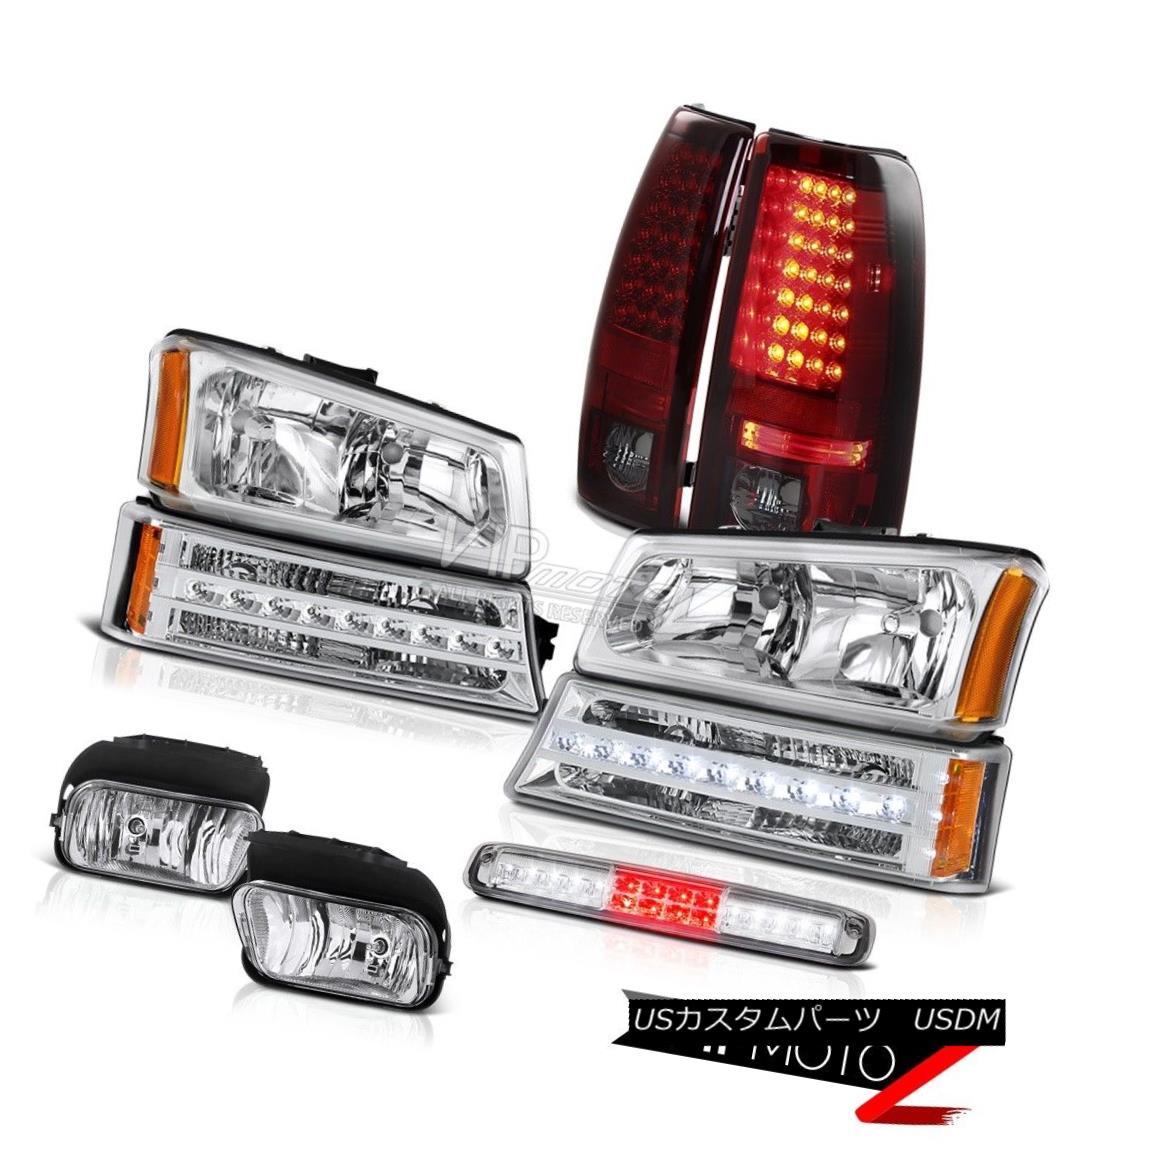 ヘッドライト 03-06 Silverado 1500 Chrome Foglamps Roof Brake Lamp Headlamps Signal Rear Lamps 03-06 Silverado 1500クロームフォグランプ屋根用ブレーキランプヘッドランプ信号用リアランプ